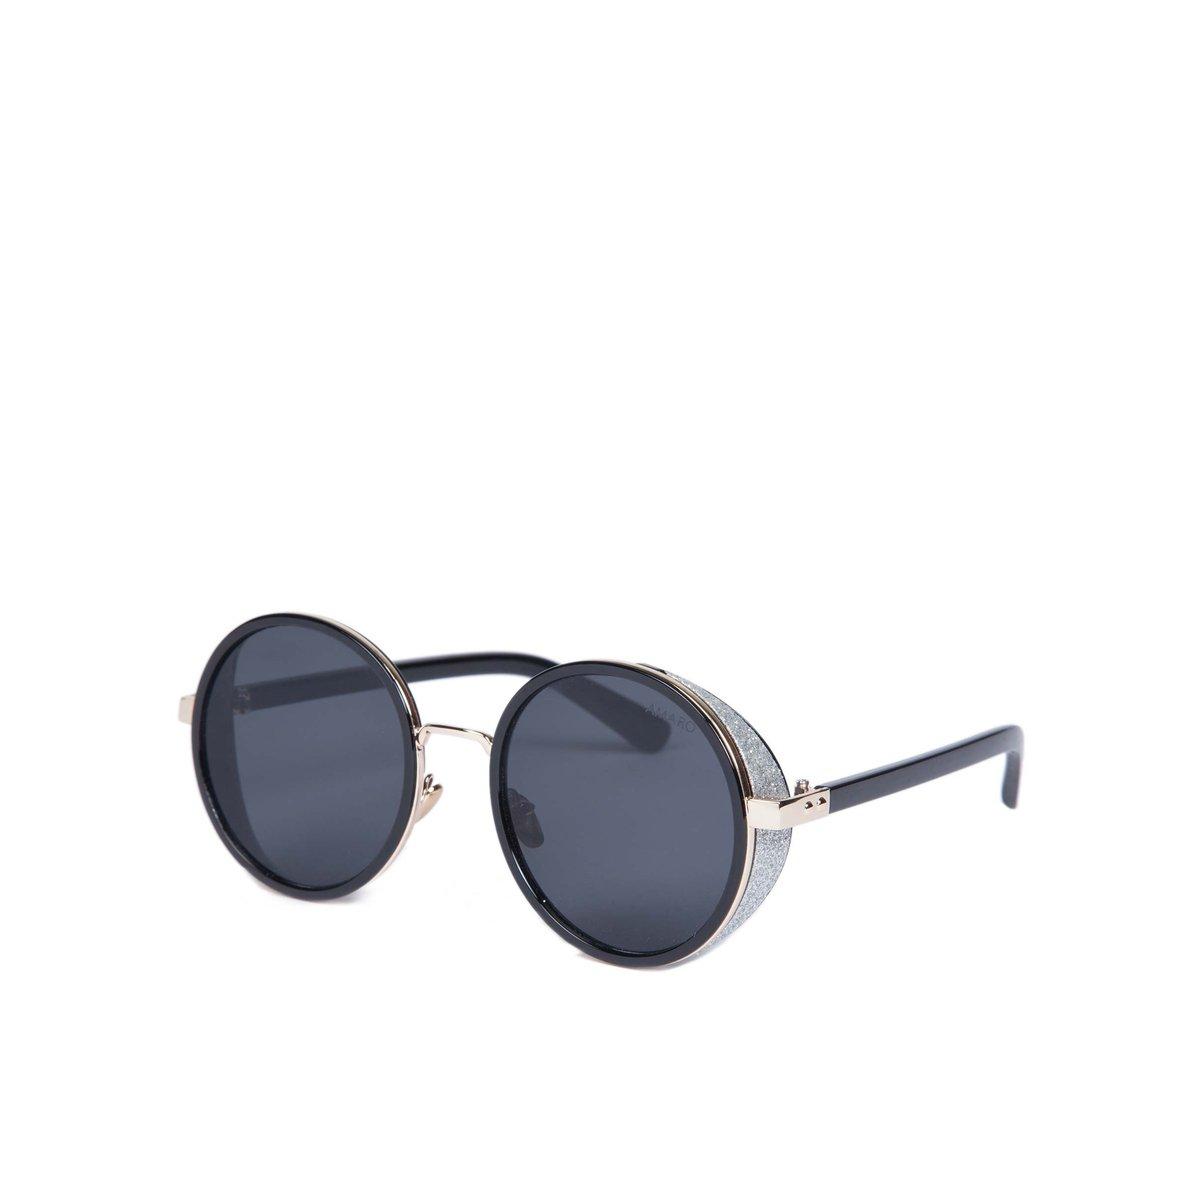 9063d1295b103 óculos Amaro De Sol Retrô Luxury - Compre Agora   Zattini